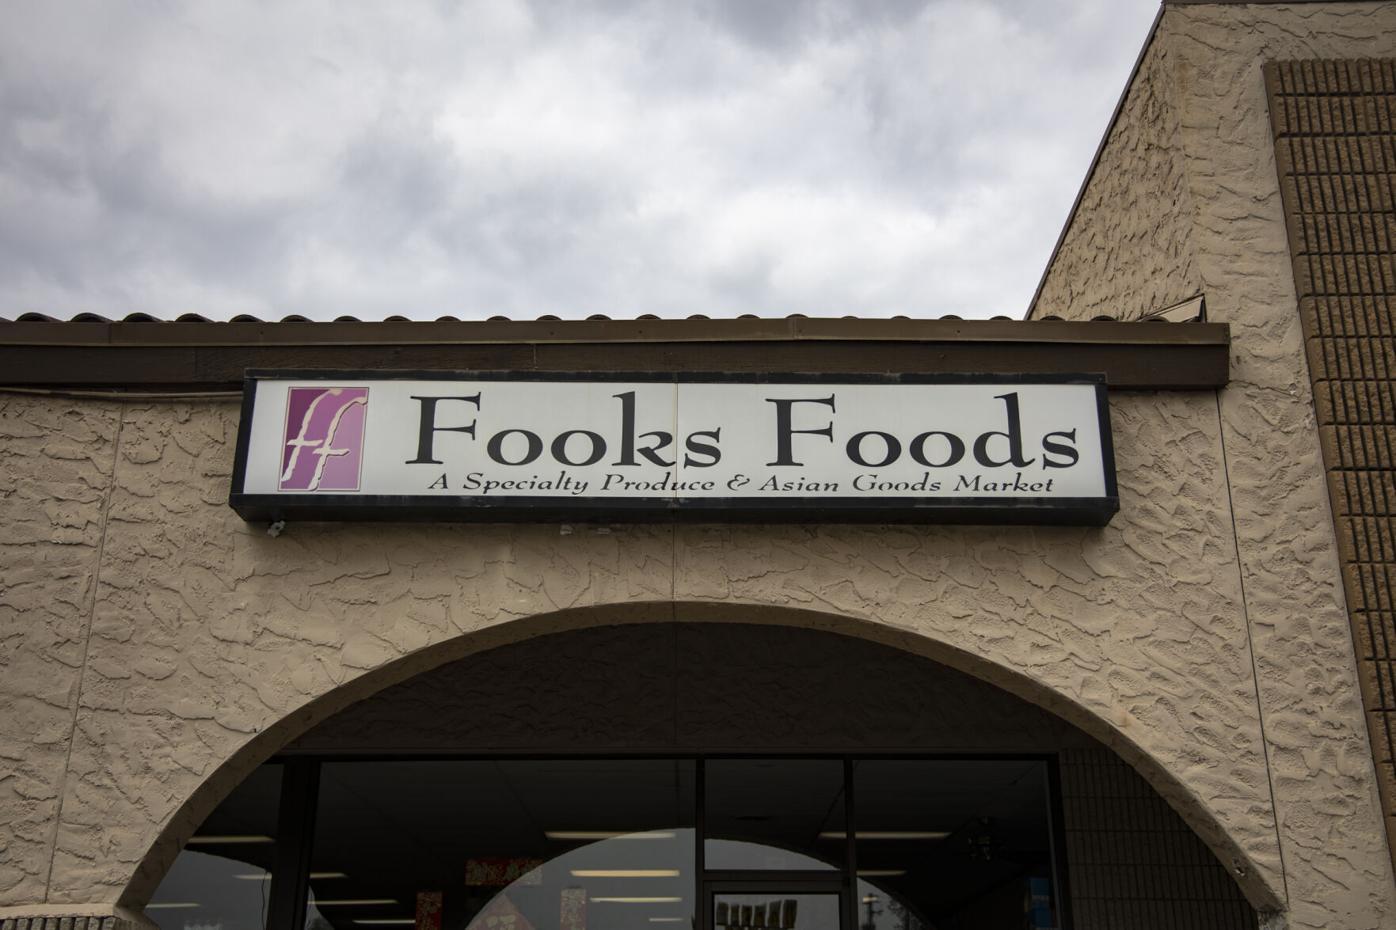 03132021_tmg_fooks foods 001.jpg